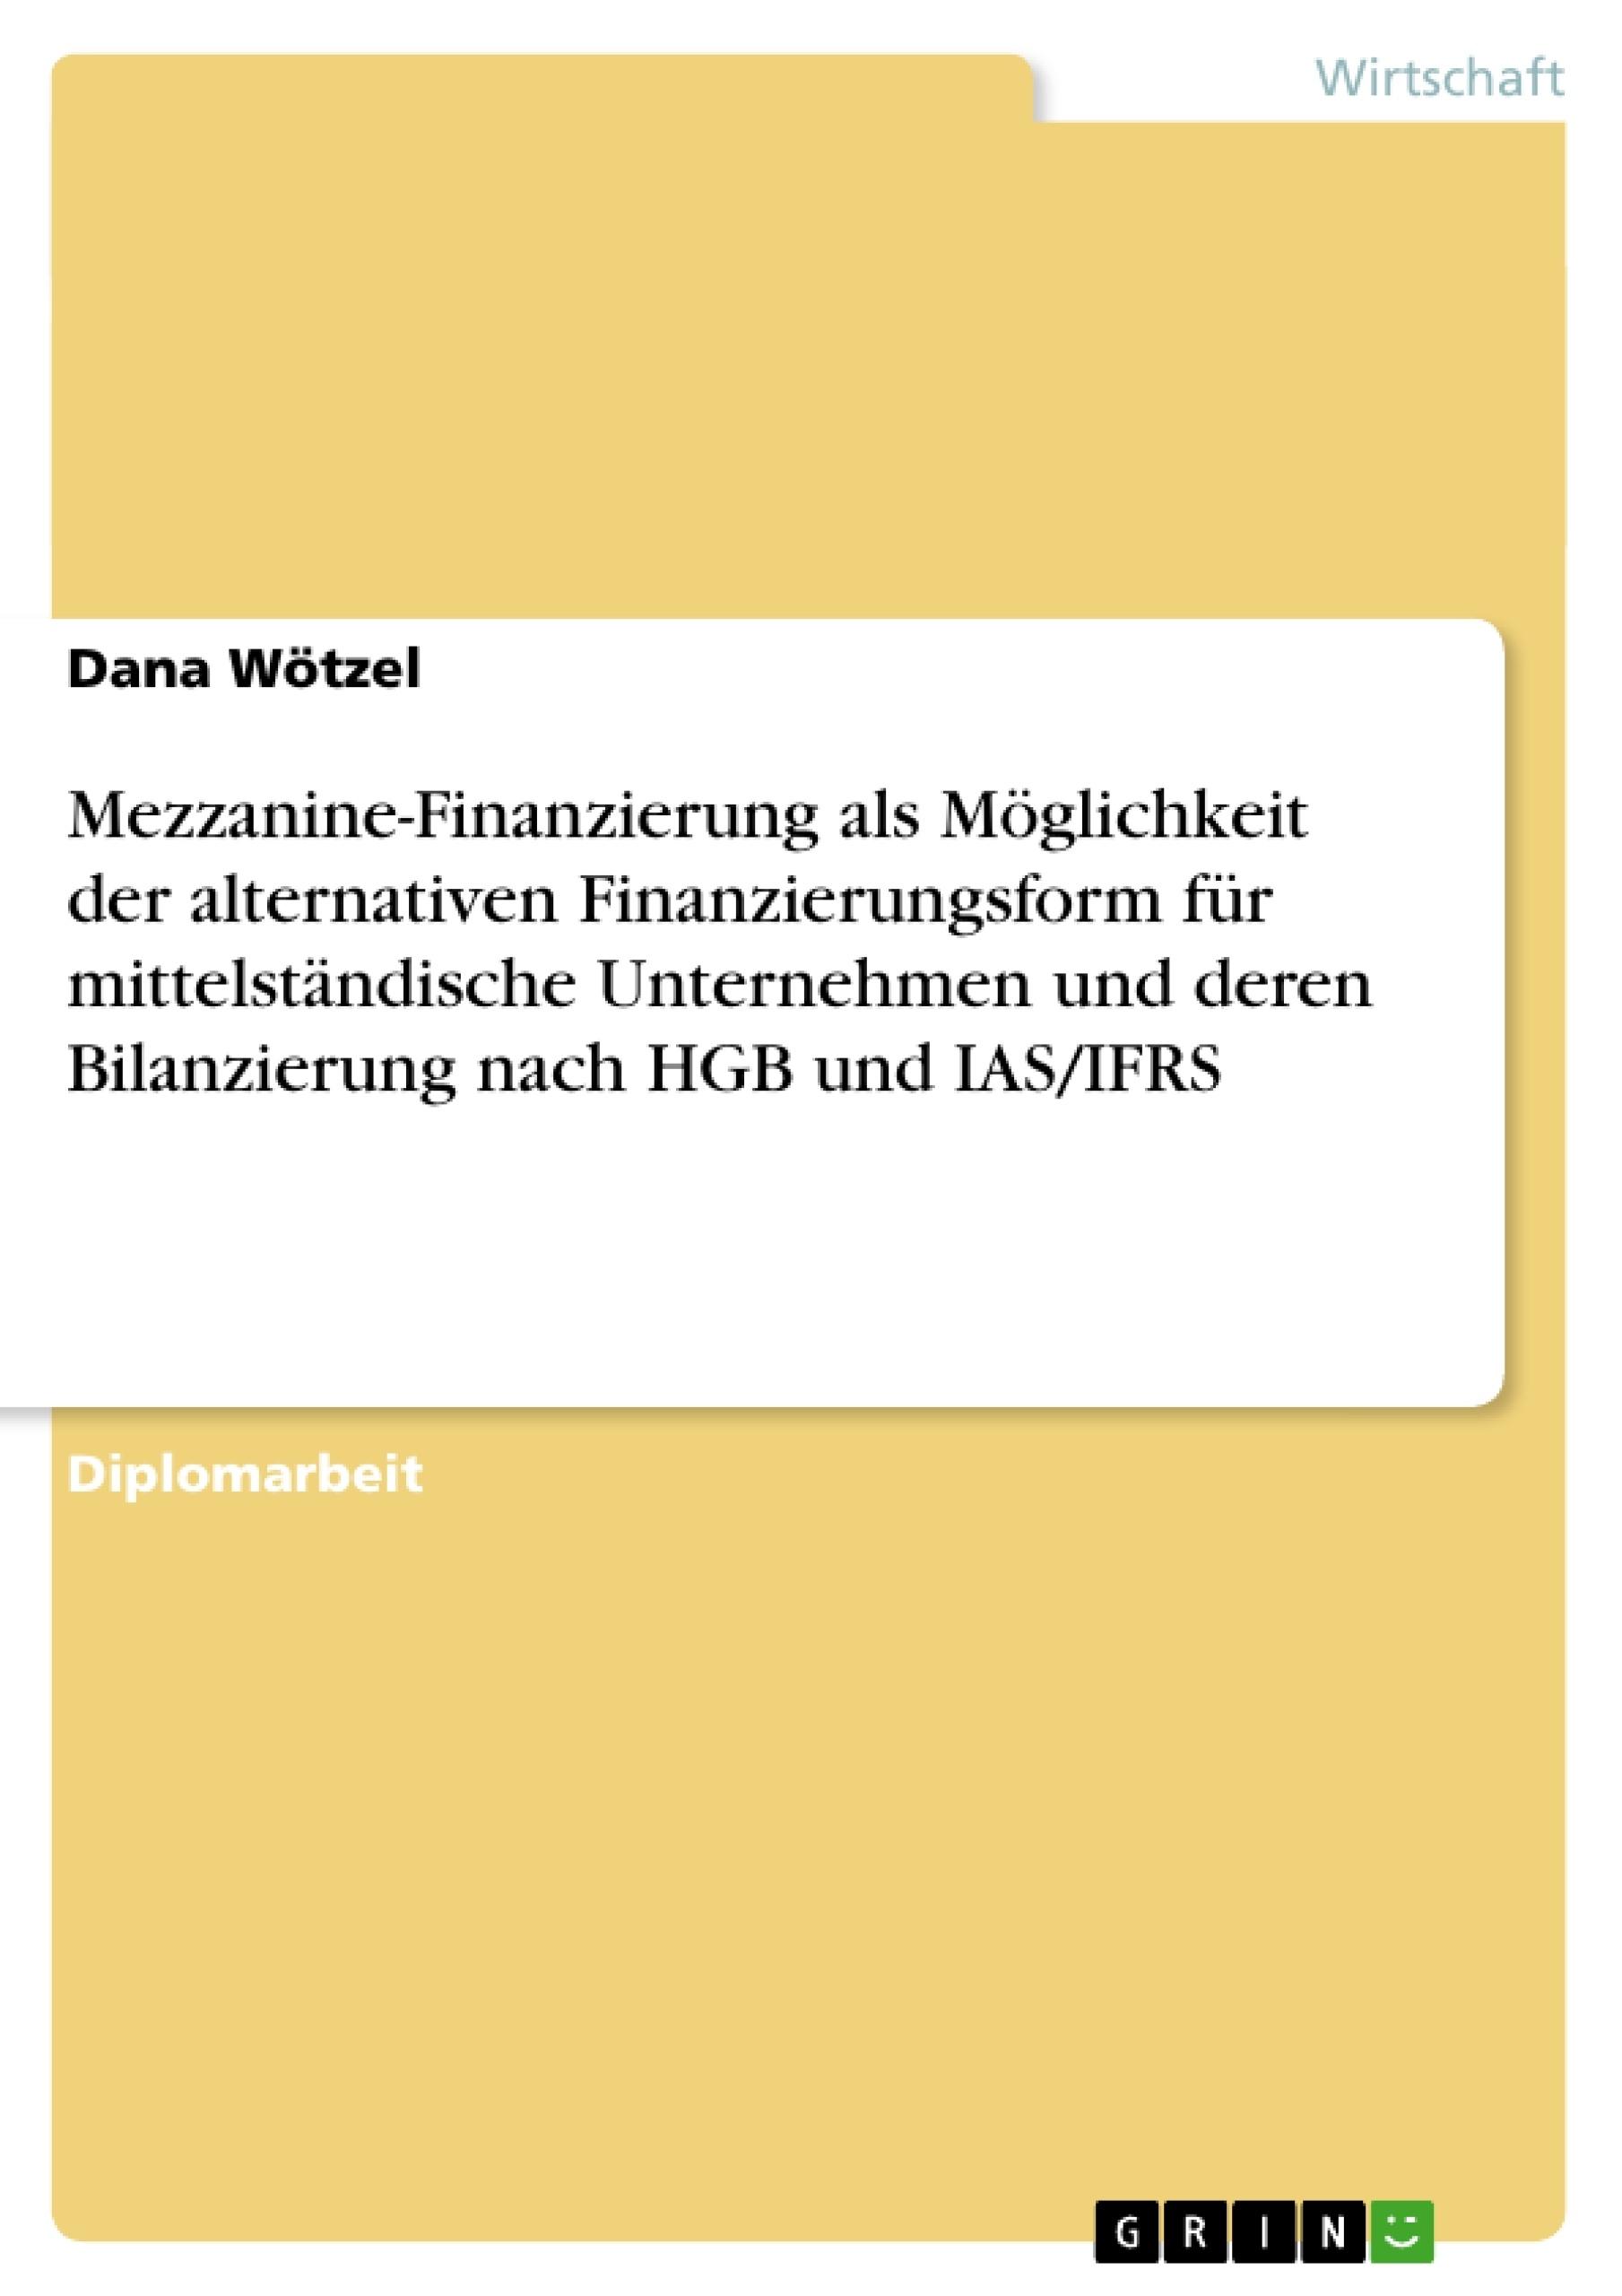 Titel: Mezzanine-Finanzierung als Möglichkeit der alternativen Finanzierungsform für mittelständische Unternehmen und deren Bilanzierung nach HGB und IAS/IFRS